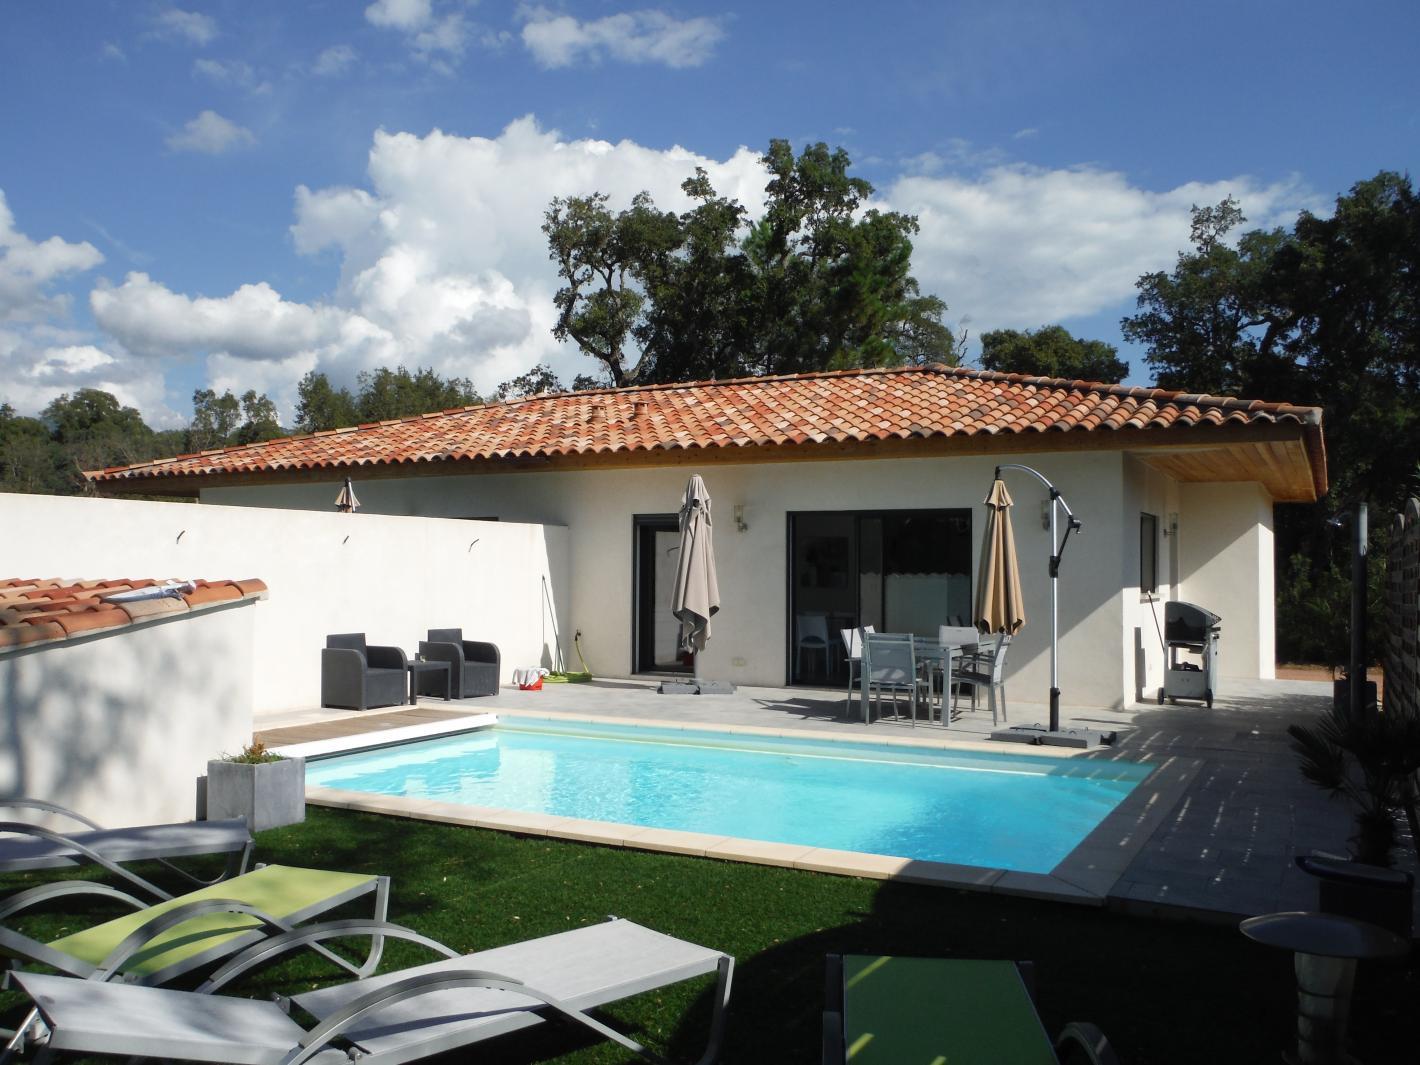 A Louer Villa Avec Piscine Privée Chauffée, Au Calme Porto ... destiné Location Maison Portugal Avec Piscine